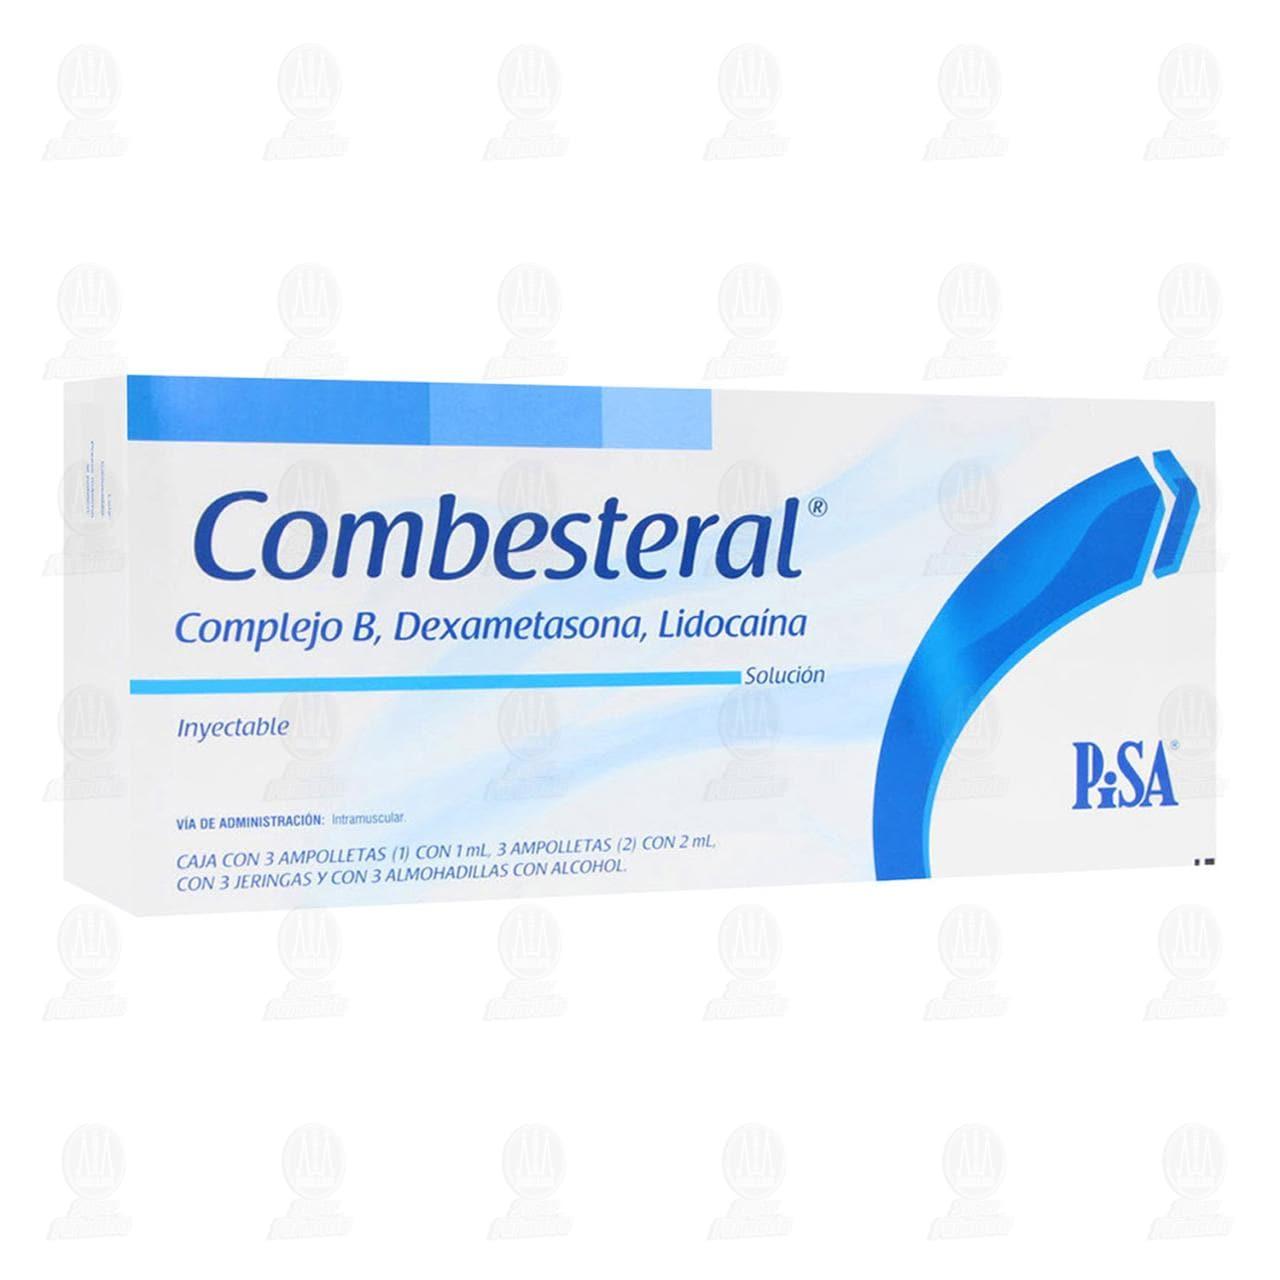 Comprar Combesteral Complejo B,Dexametasona Lidocaína 3 Ampolletas/1ml 3 Ampolletas/2ml 3 Jeringas en Farmacias Guadalajara